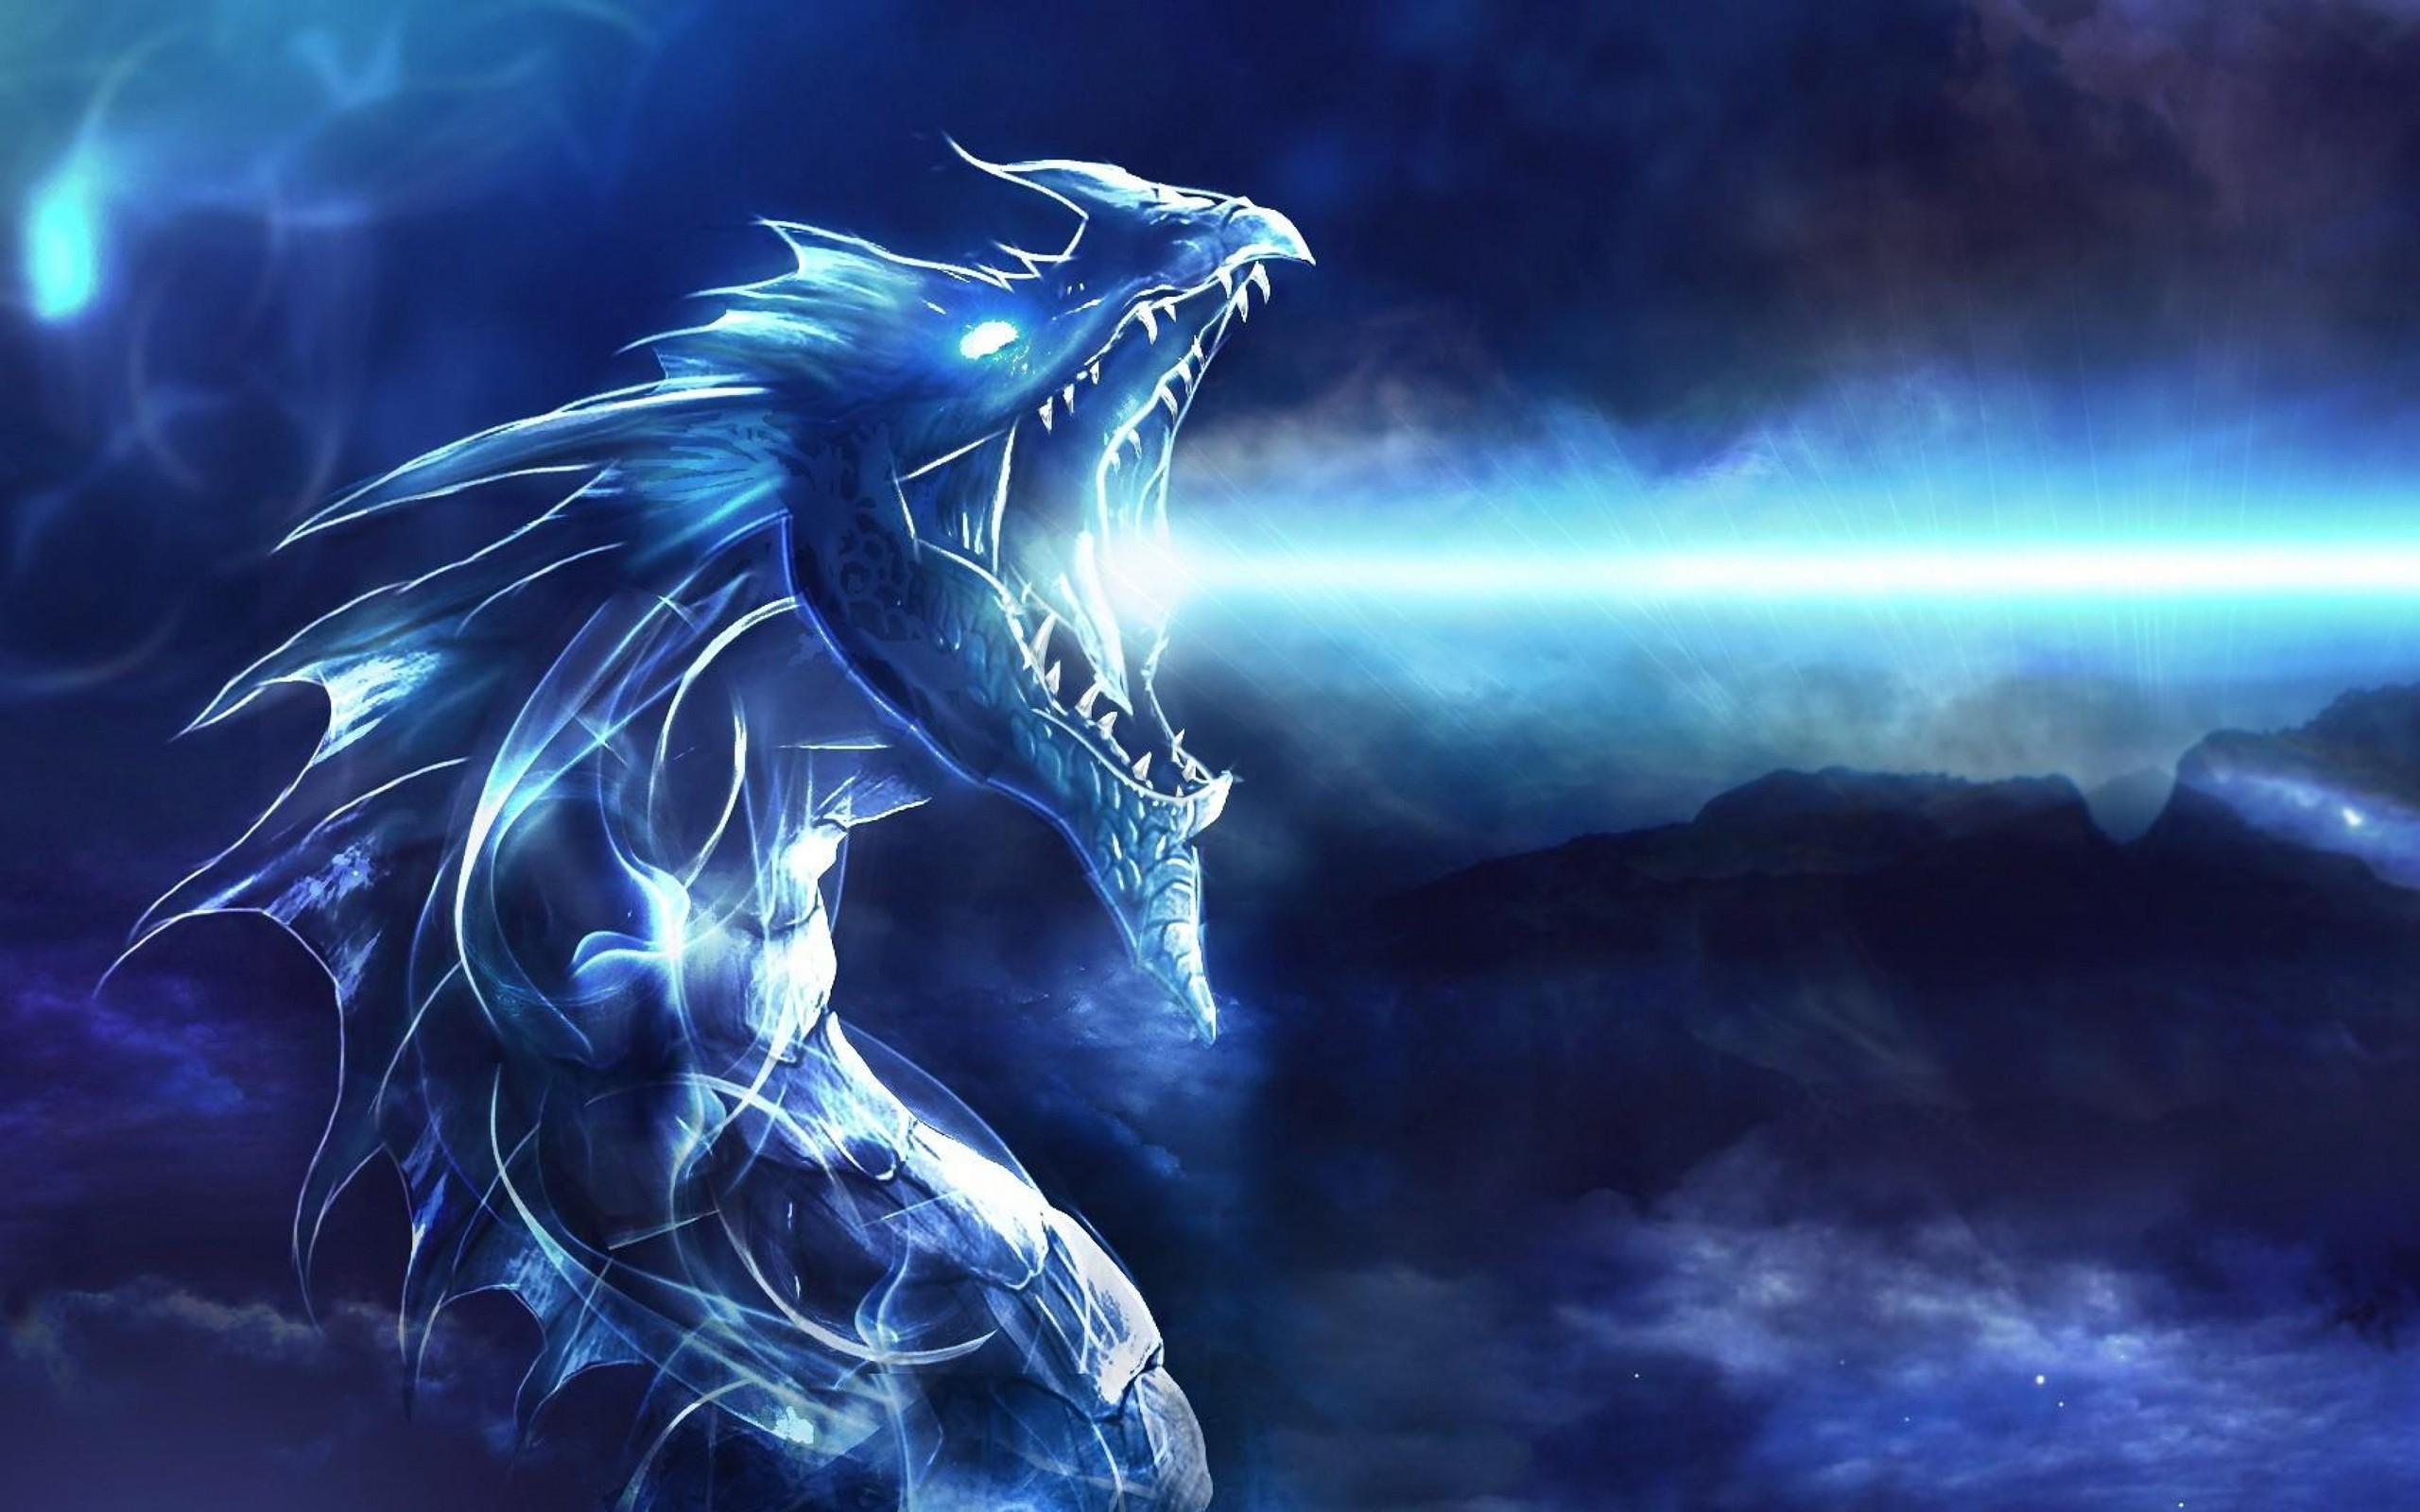 Blue Dragon Wallpapers  WallpaperSafari